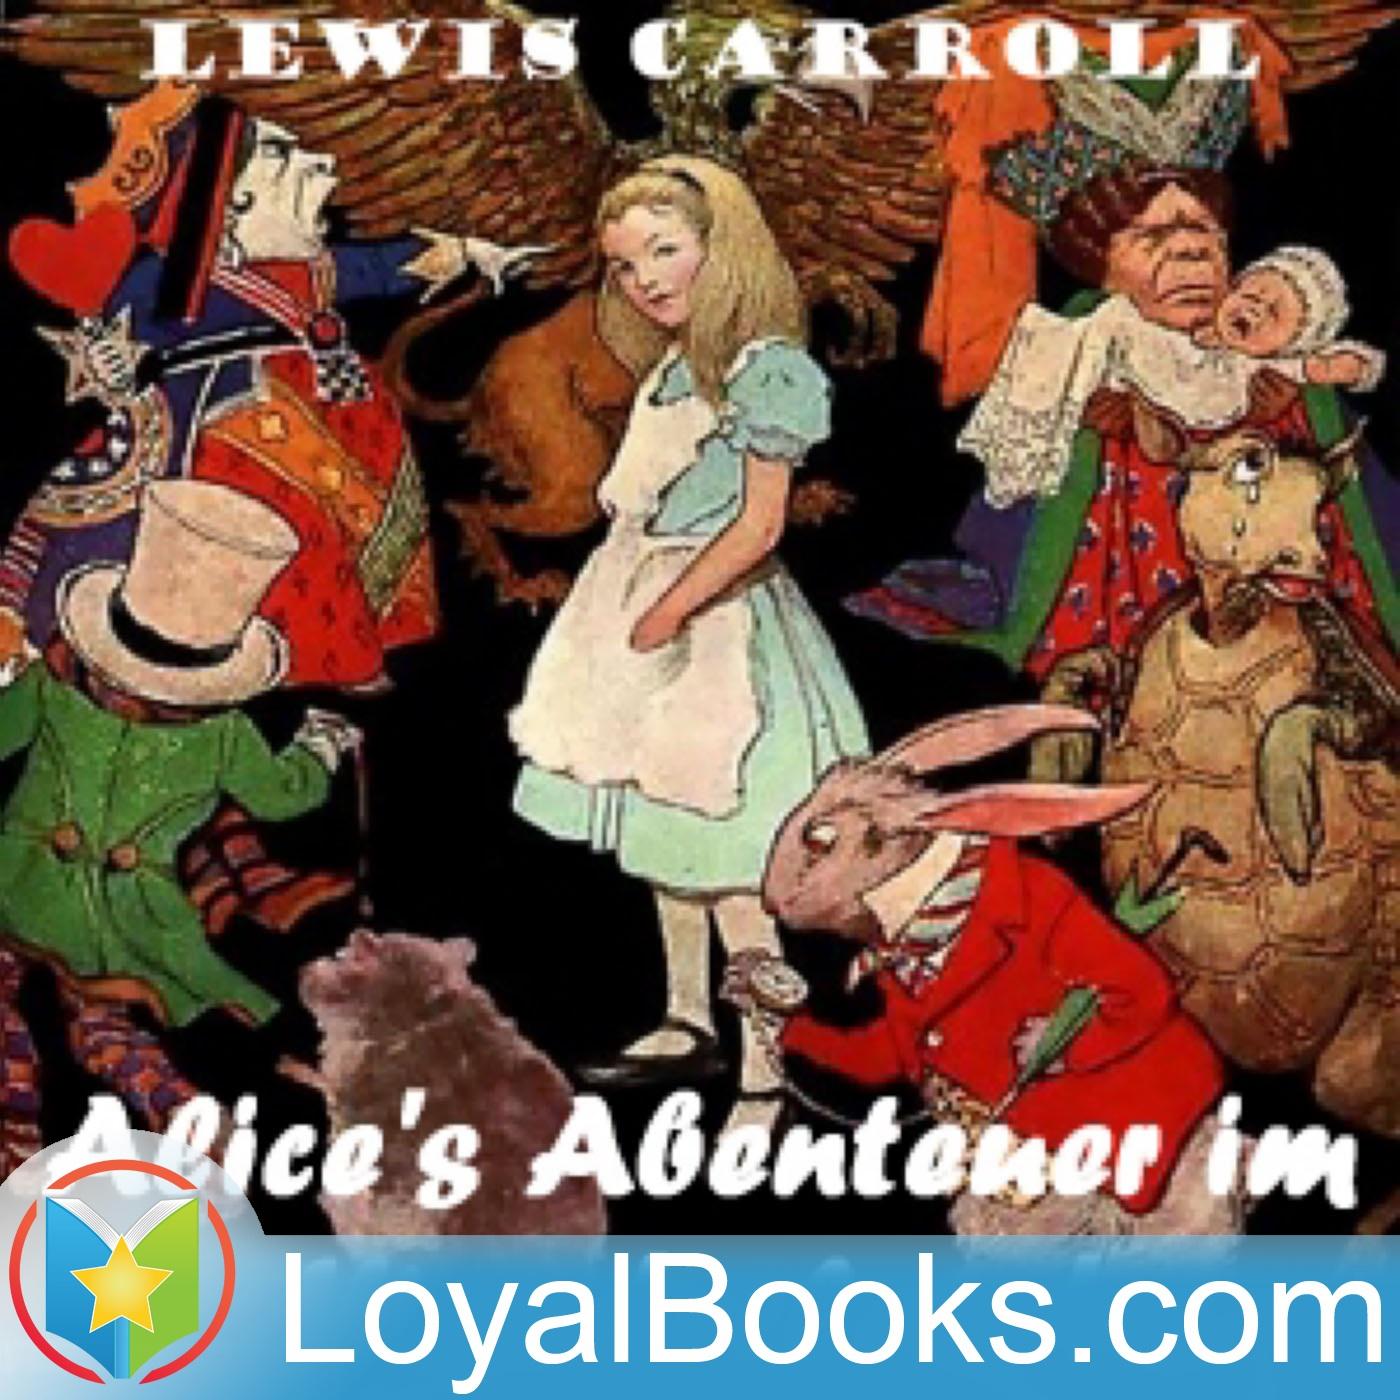 <![CDATA[Alice's Abenteuer im Wunderland by Lewis Carroll]]>